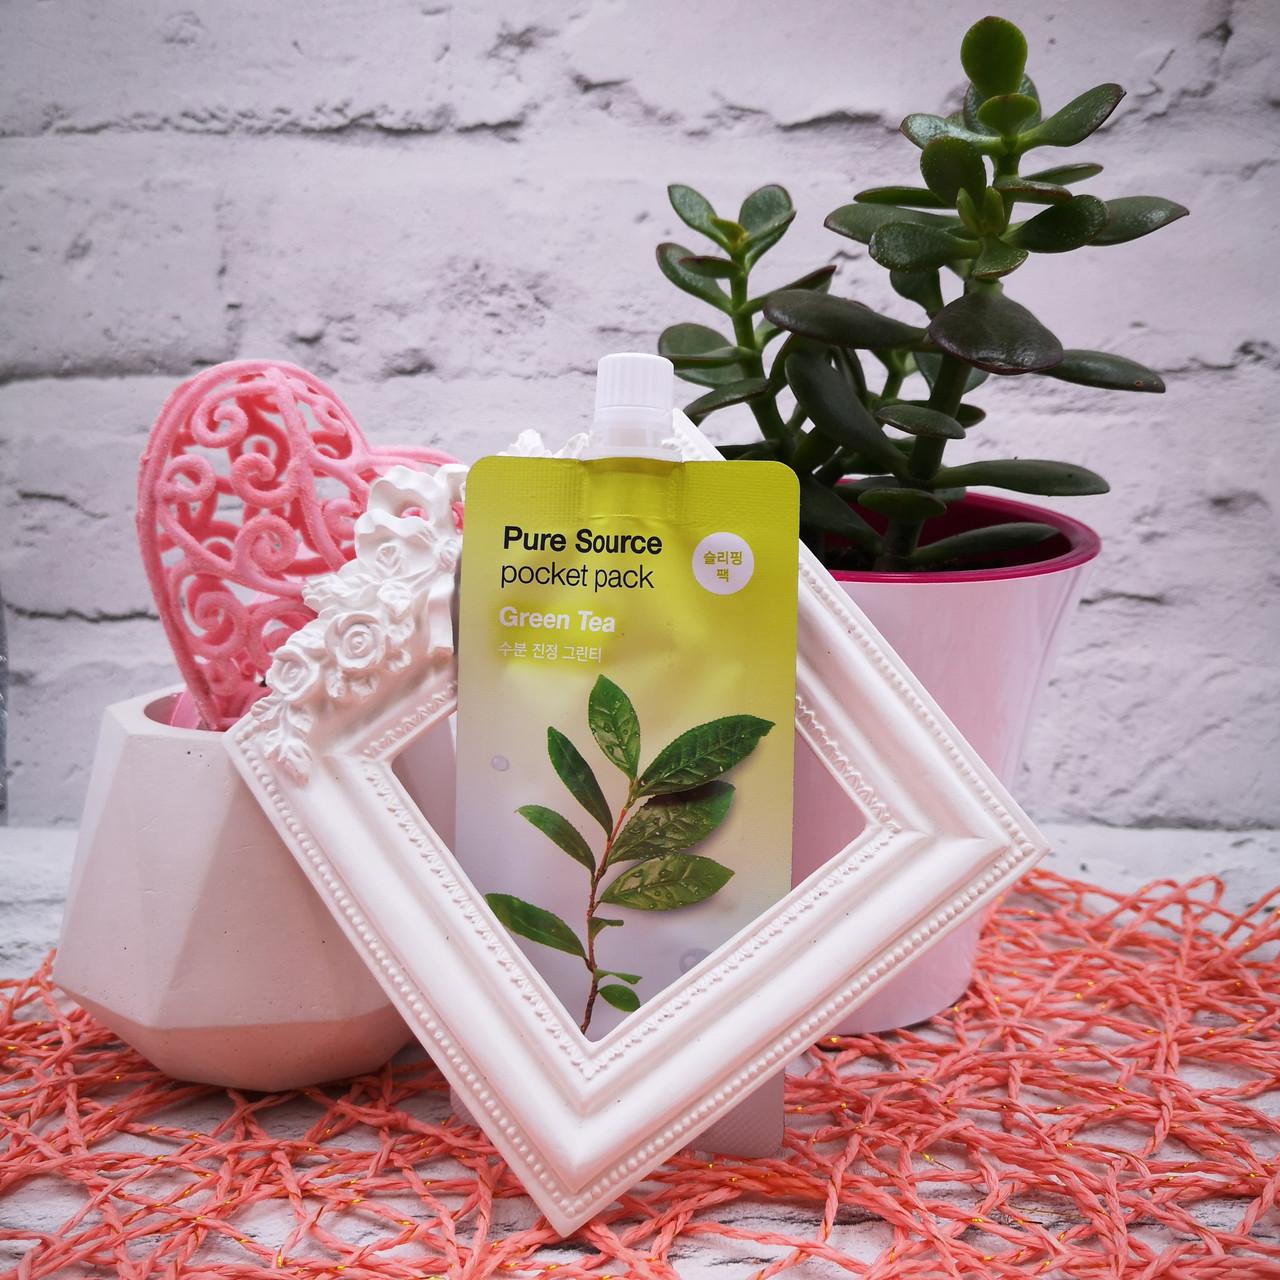 Успокаивающая увлажняющая ночная маска MISSHA с зеленым чаем Pure Source Pocket Pack Green Tea